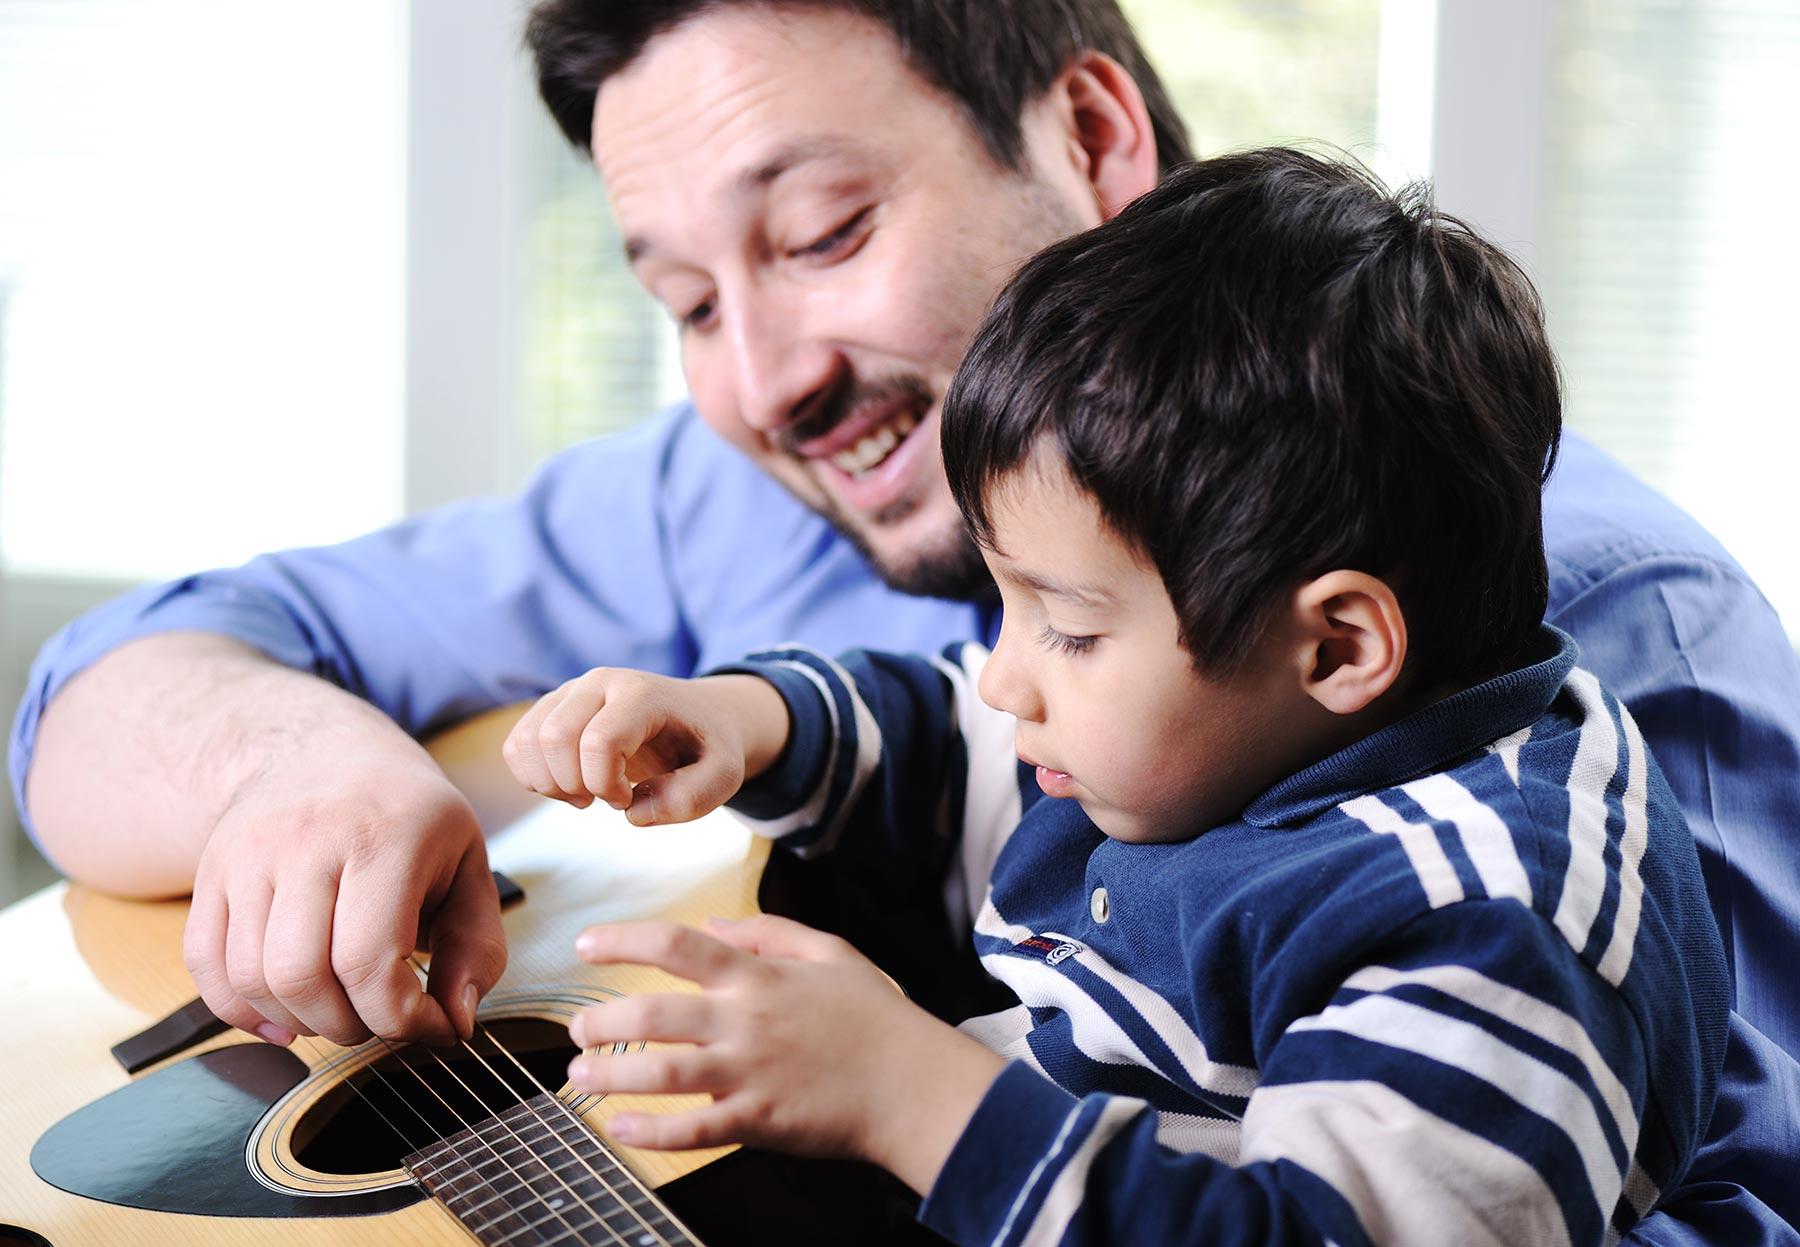 TODOS APRENDEN DE TODOS - Os sorprenderéis de todas vuestras capacidades, aprendiendo a respetar los ritmos de cada uno.